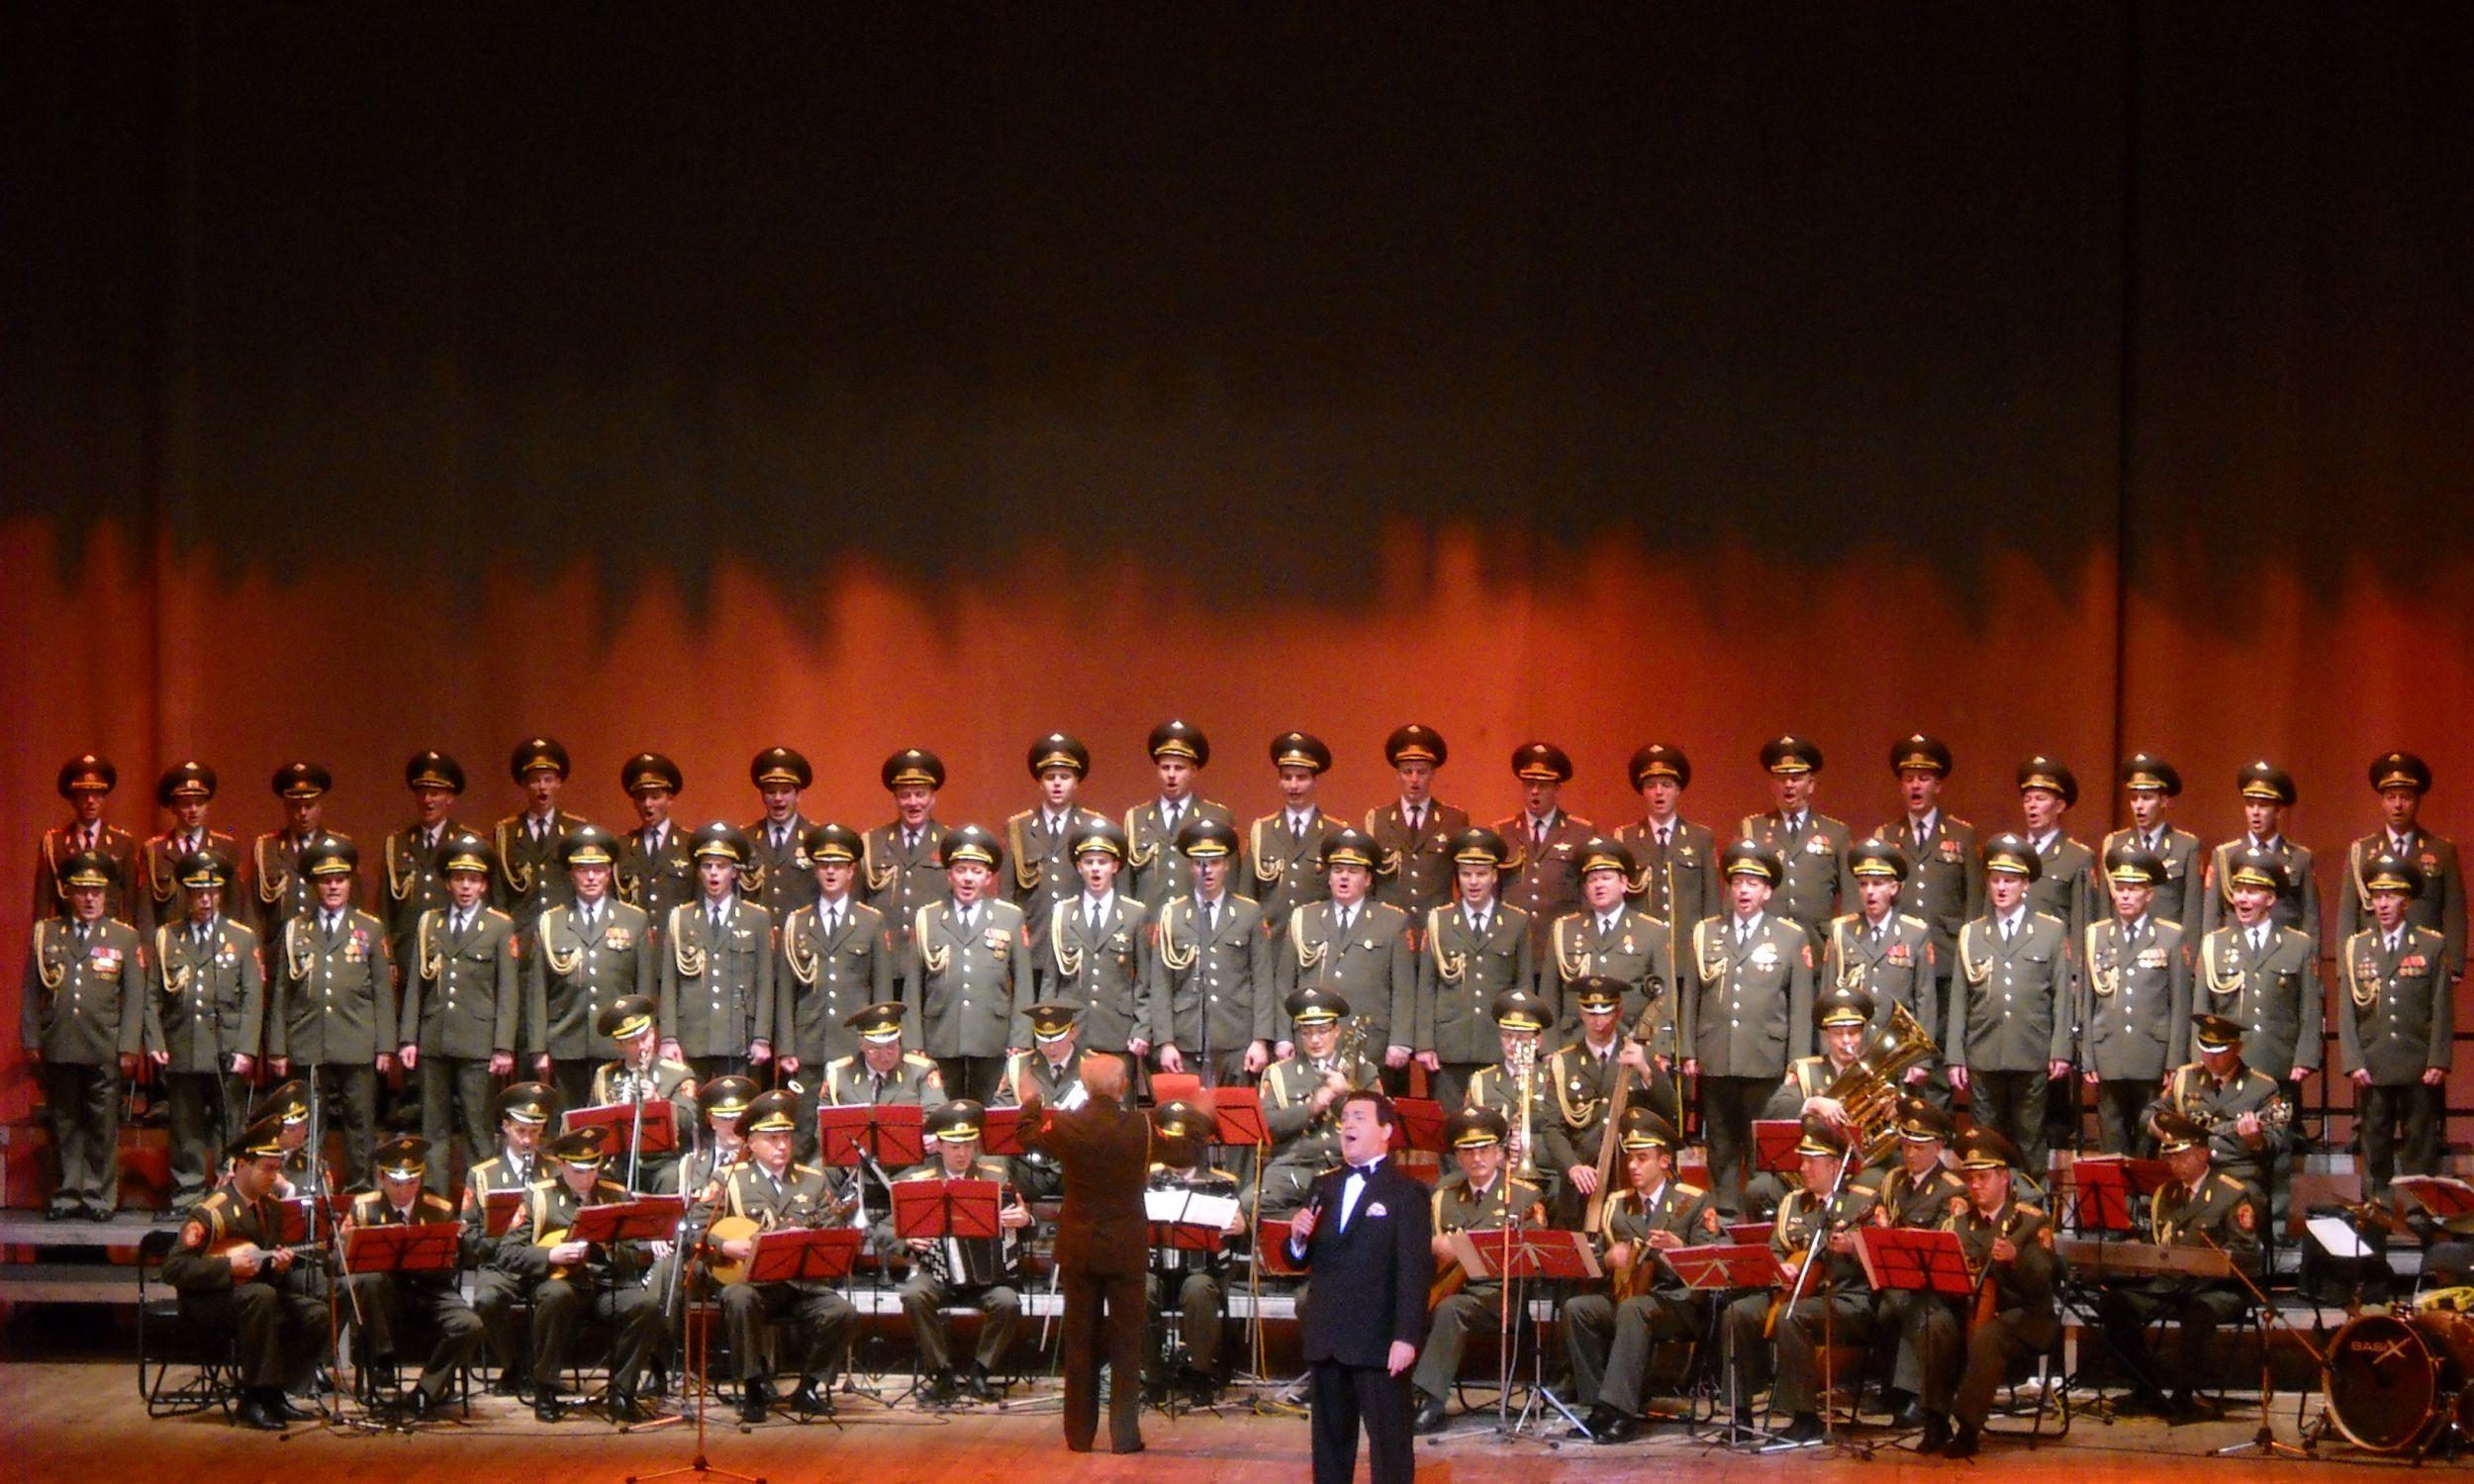 Z Chórem Aleksandrowa podczas koncertu w Warszawie w 2009 roku. Fot. Wikimedia/Loraine